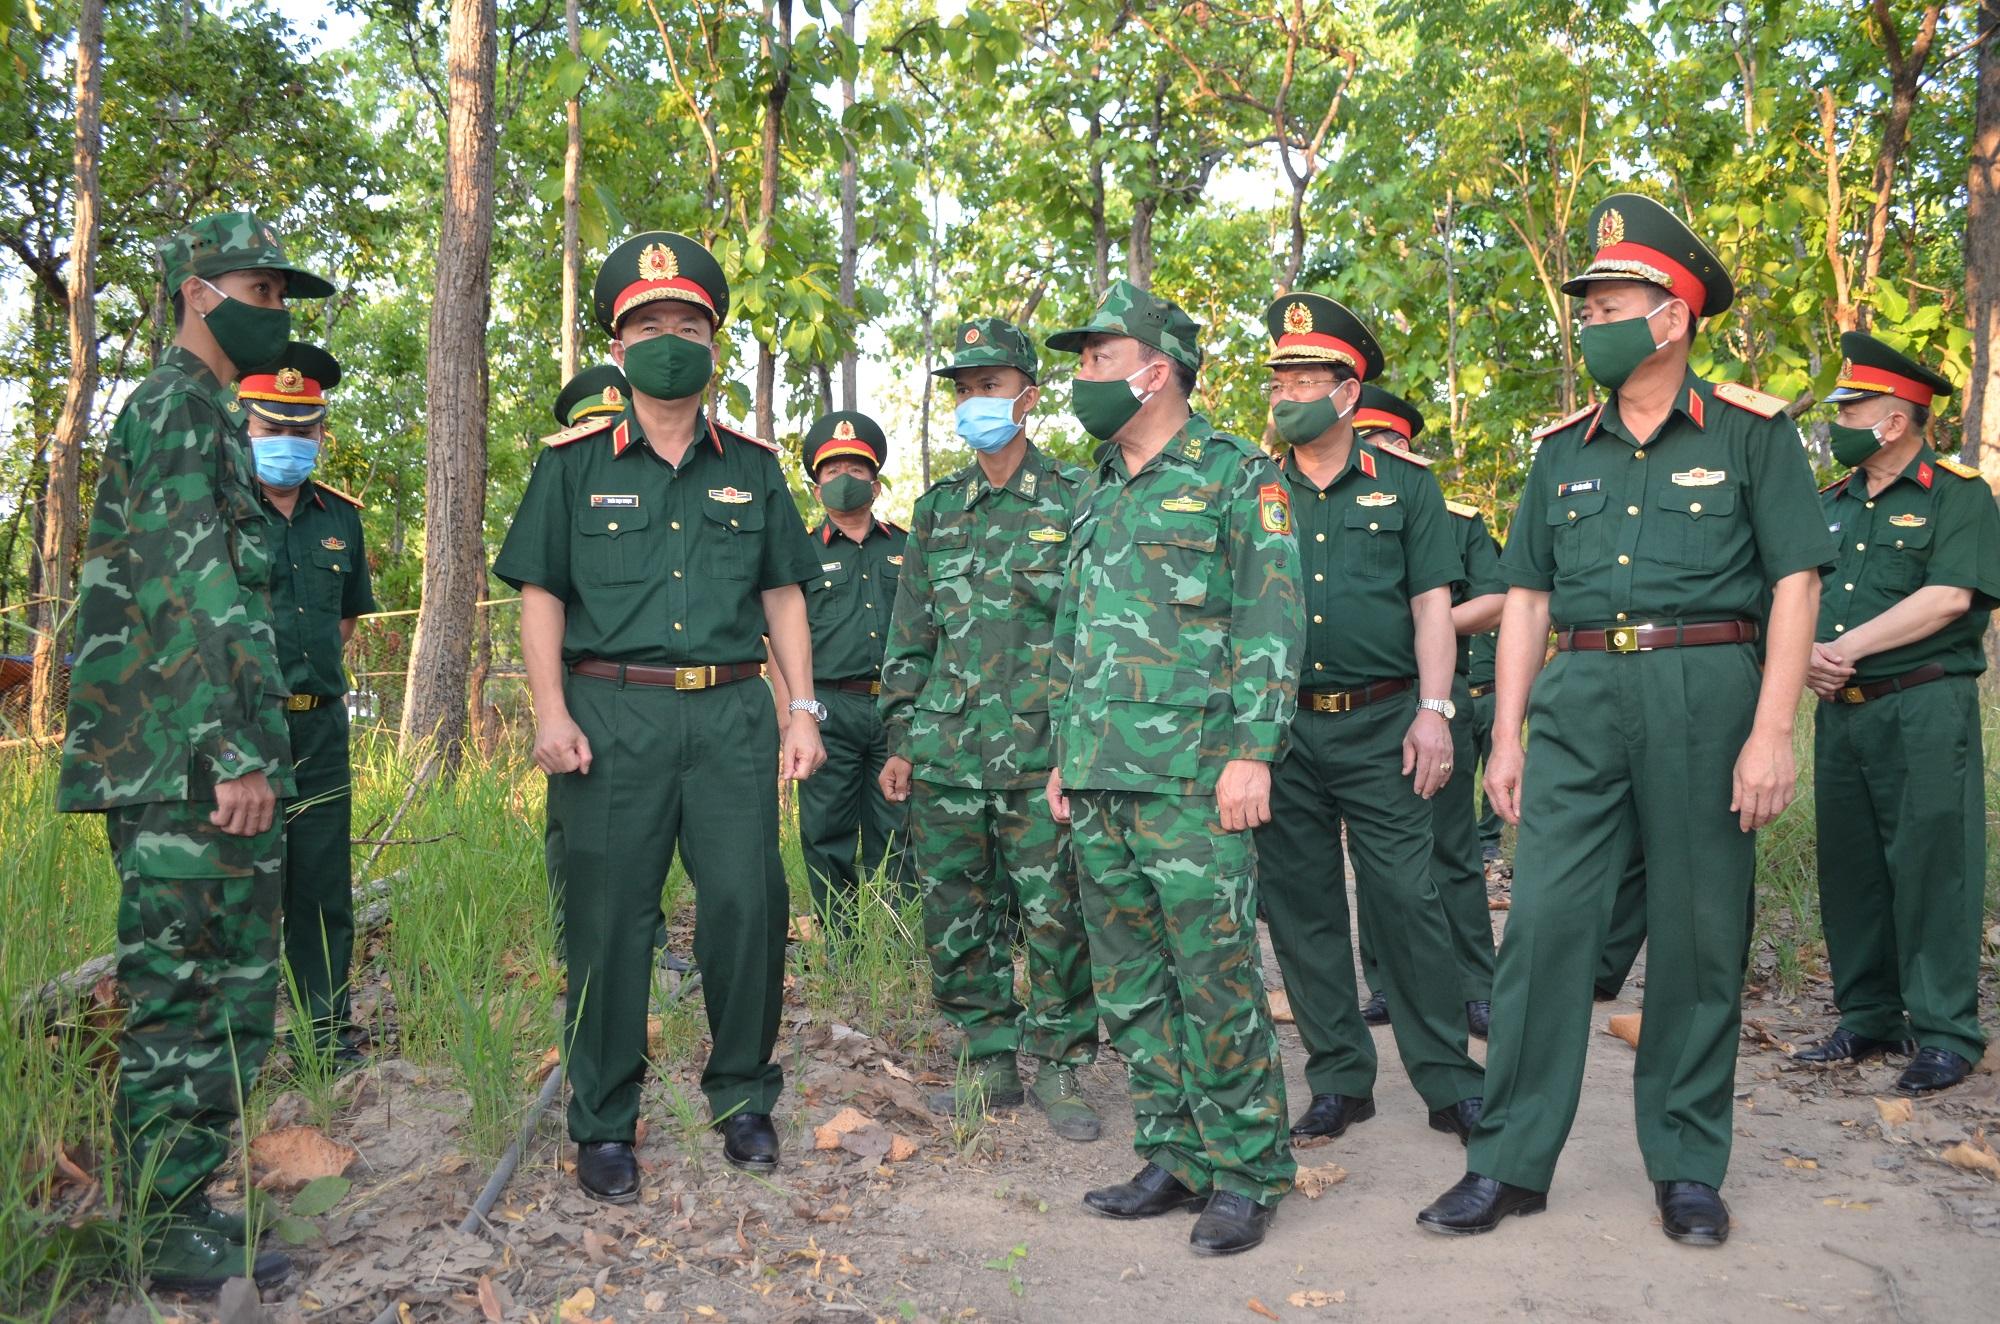 Bộ Tư lệnh Quân khu 5 kiểm tra công tác phòng, chống dịch trên biên giới tỉnh Đắk Lắk